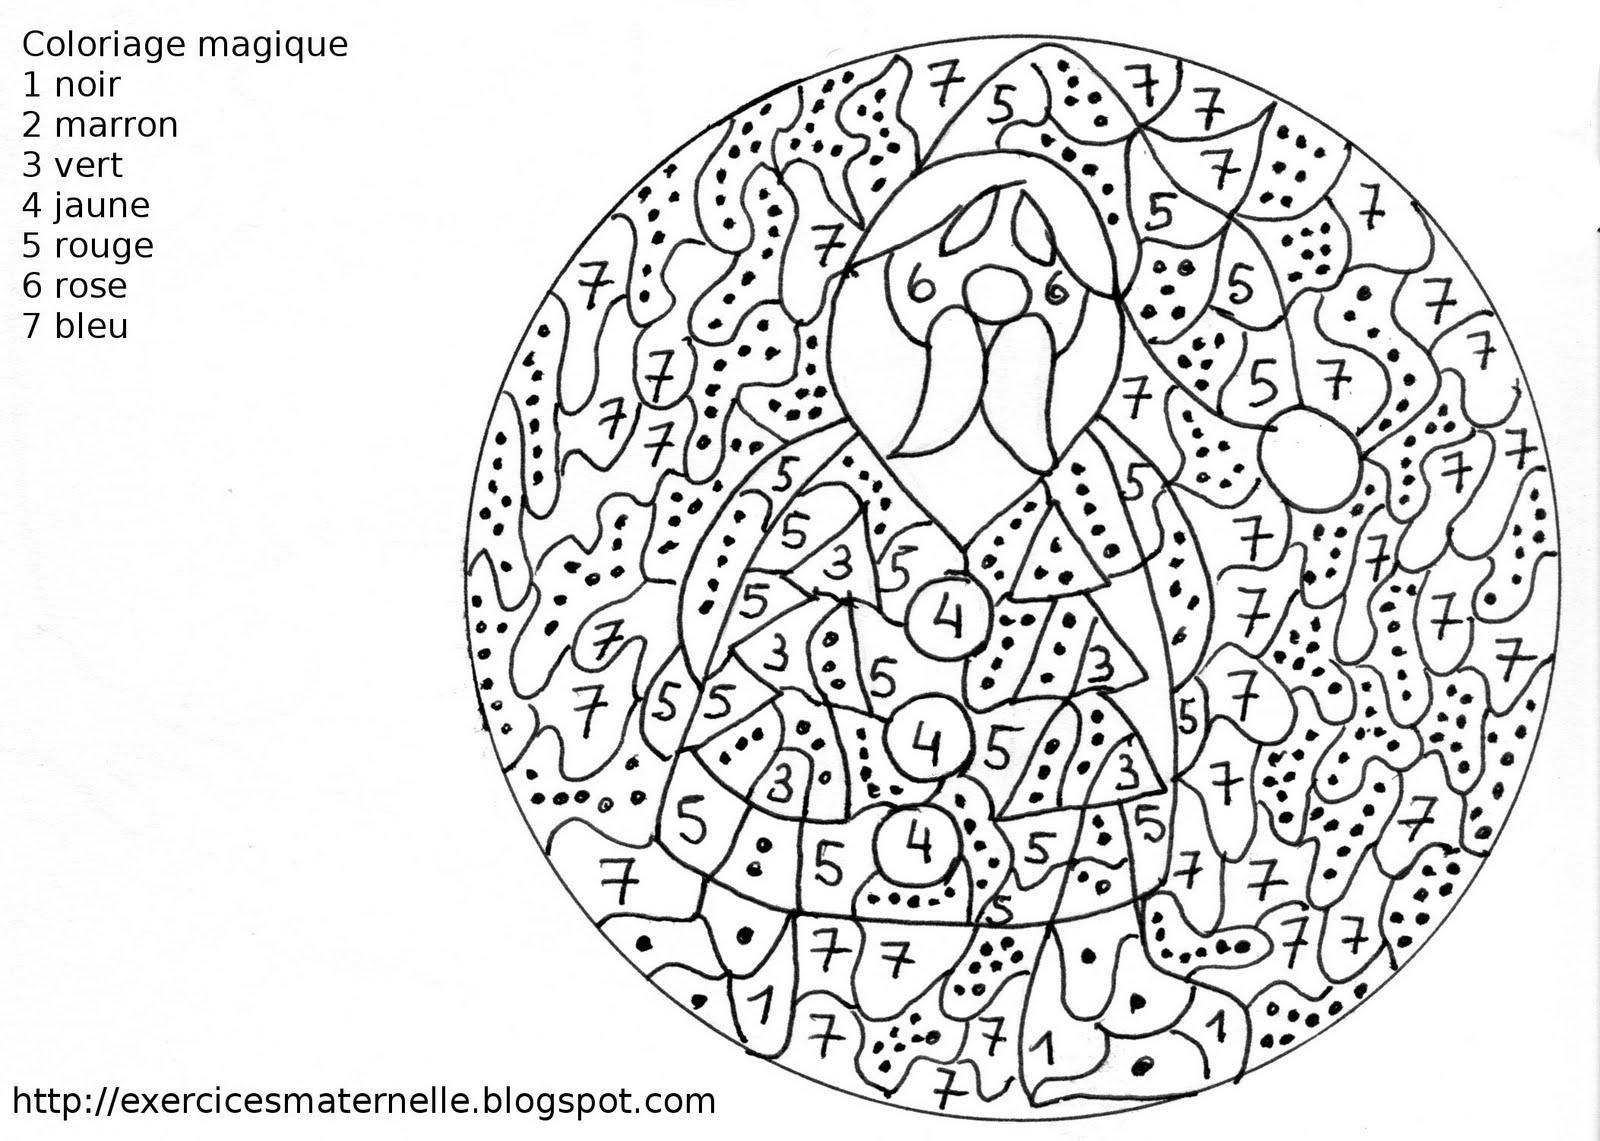 Maternelle: Coloriage Magique : Le Père Noël à Coloriage Magique Addition Maternelle